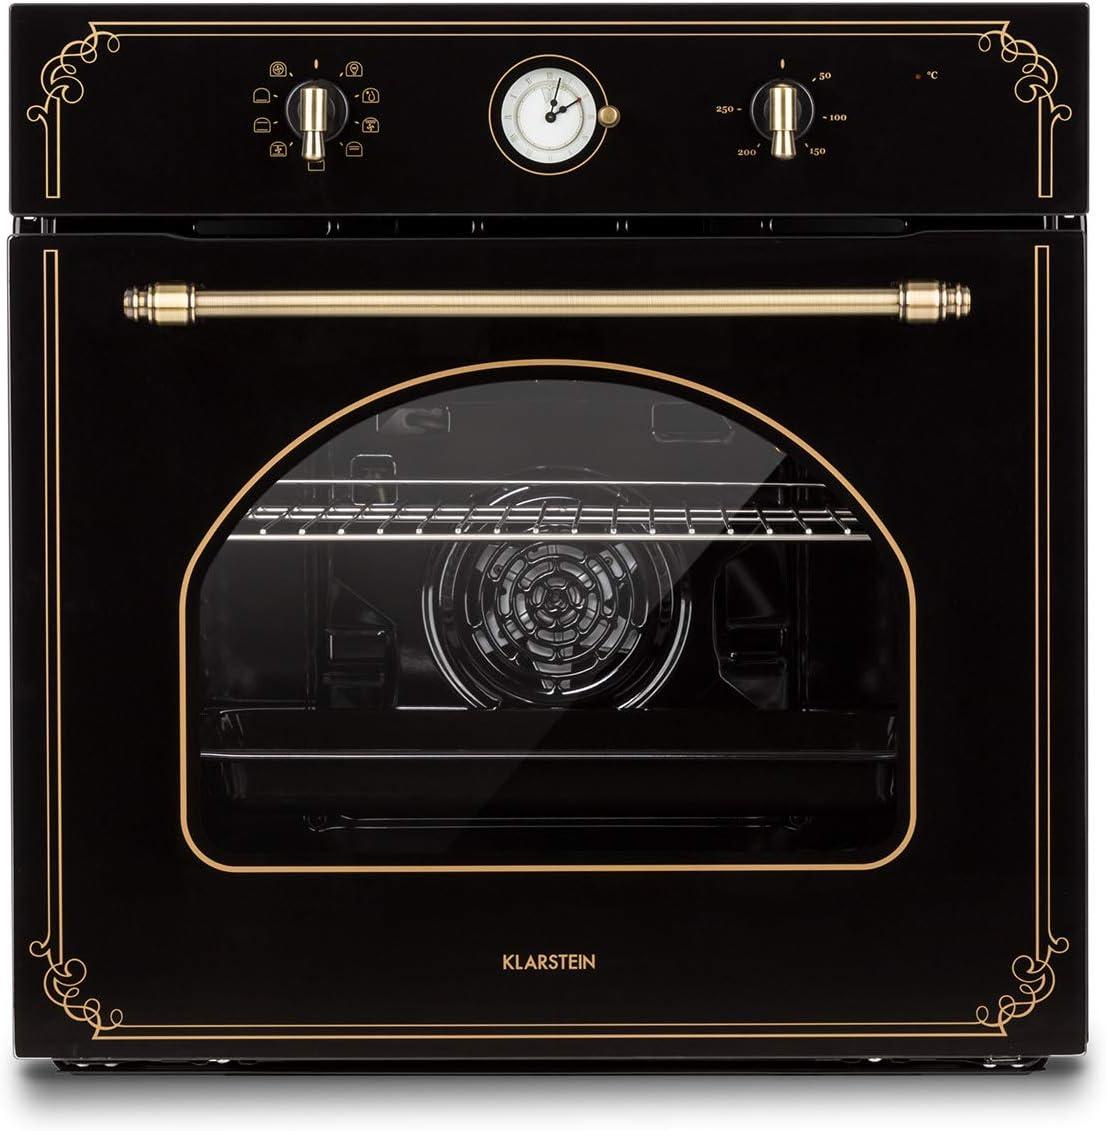 Klarstein Victoria Horno de cocina - Horno eléctrico, Diseño retro, 9 funciones, Autoapagado, 50-250°C, 70 litros, 10 alturas, Fácil de limpiar gracias a su apertura, Iluminación, Negro